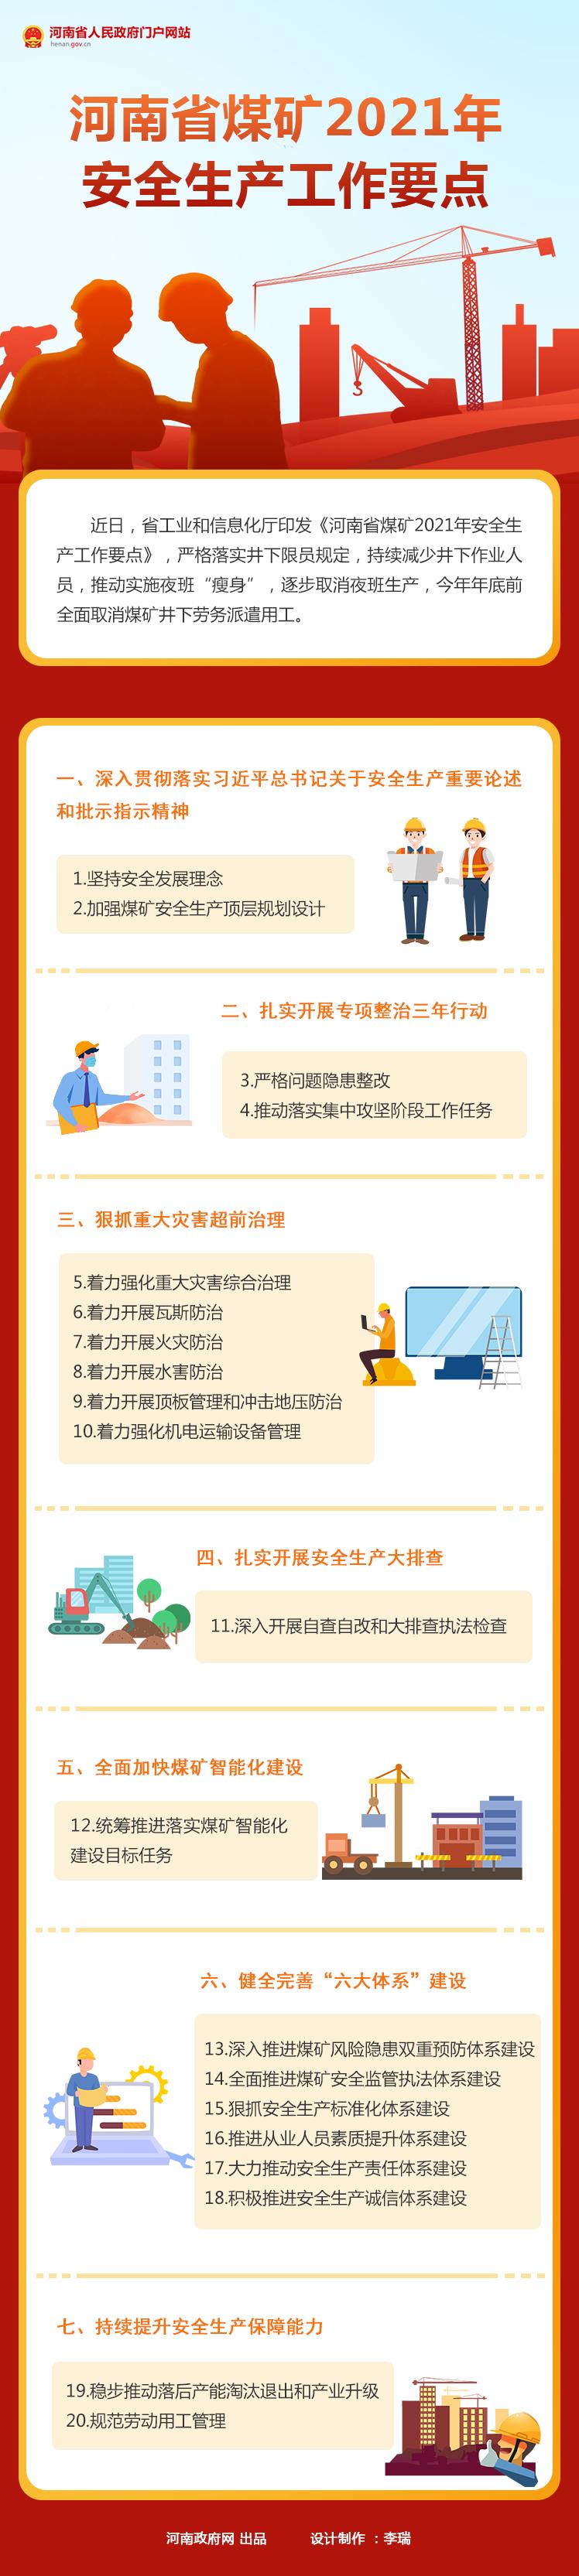 图解:河南省煤矿2021年安全生产工作要点